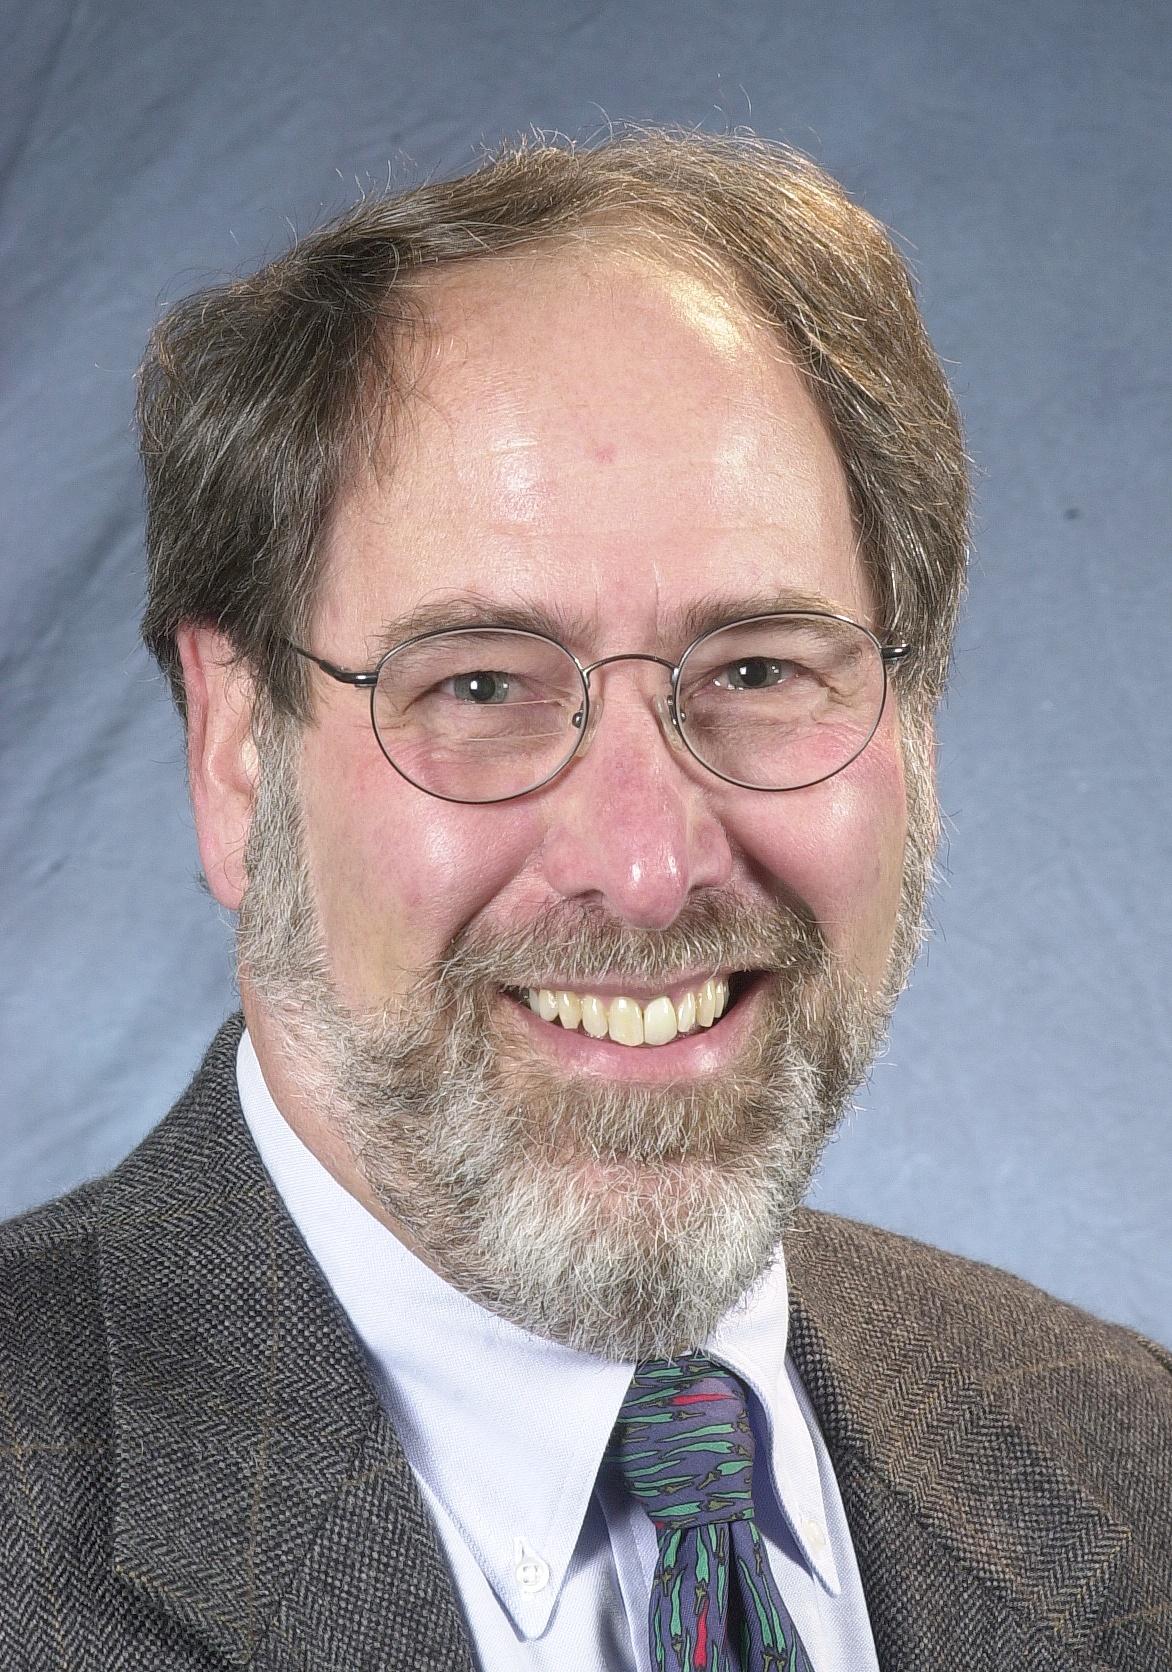 Dr. Michael Salemi